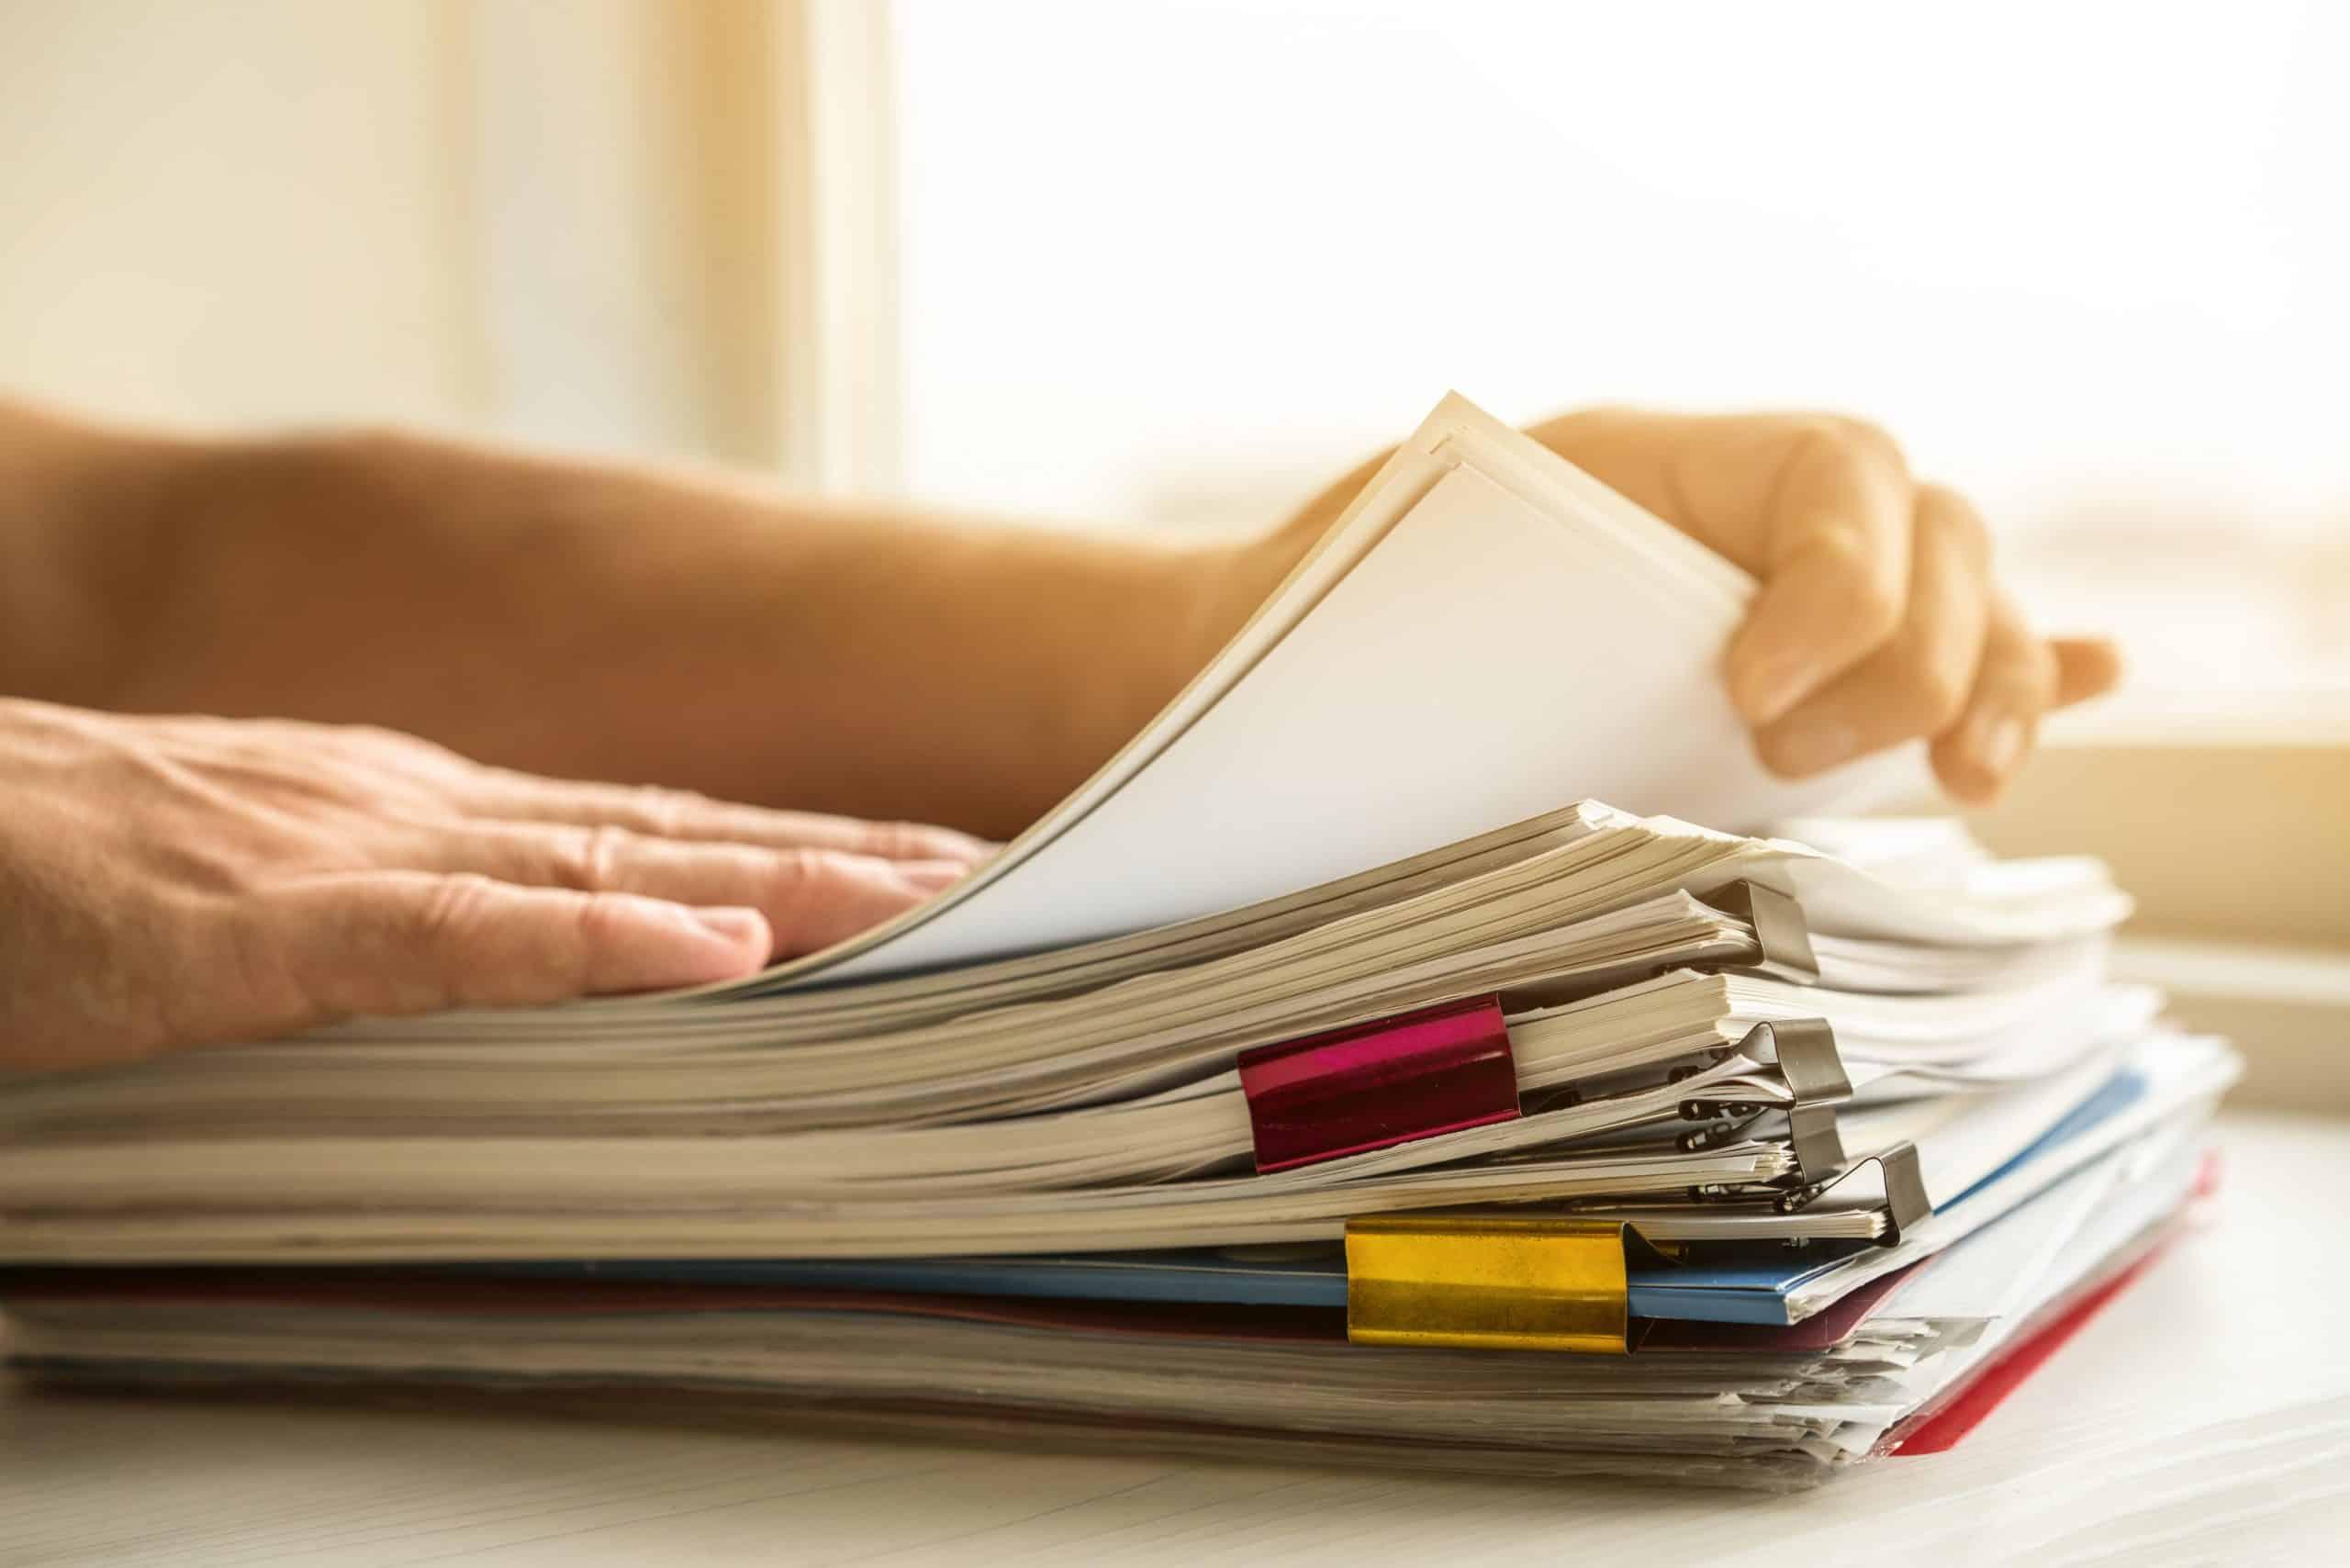 Dossier Technique CIR CII JEI : les avantages et éléments attendus